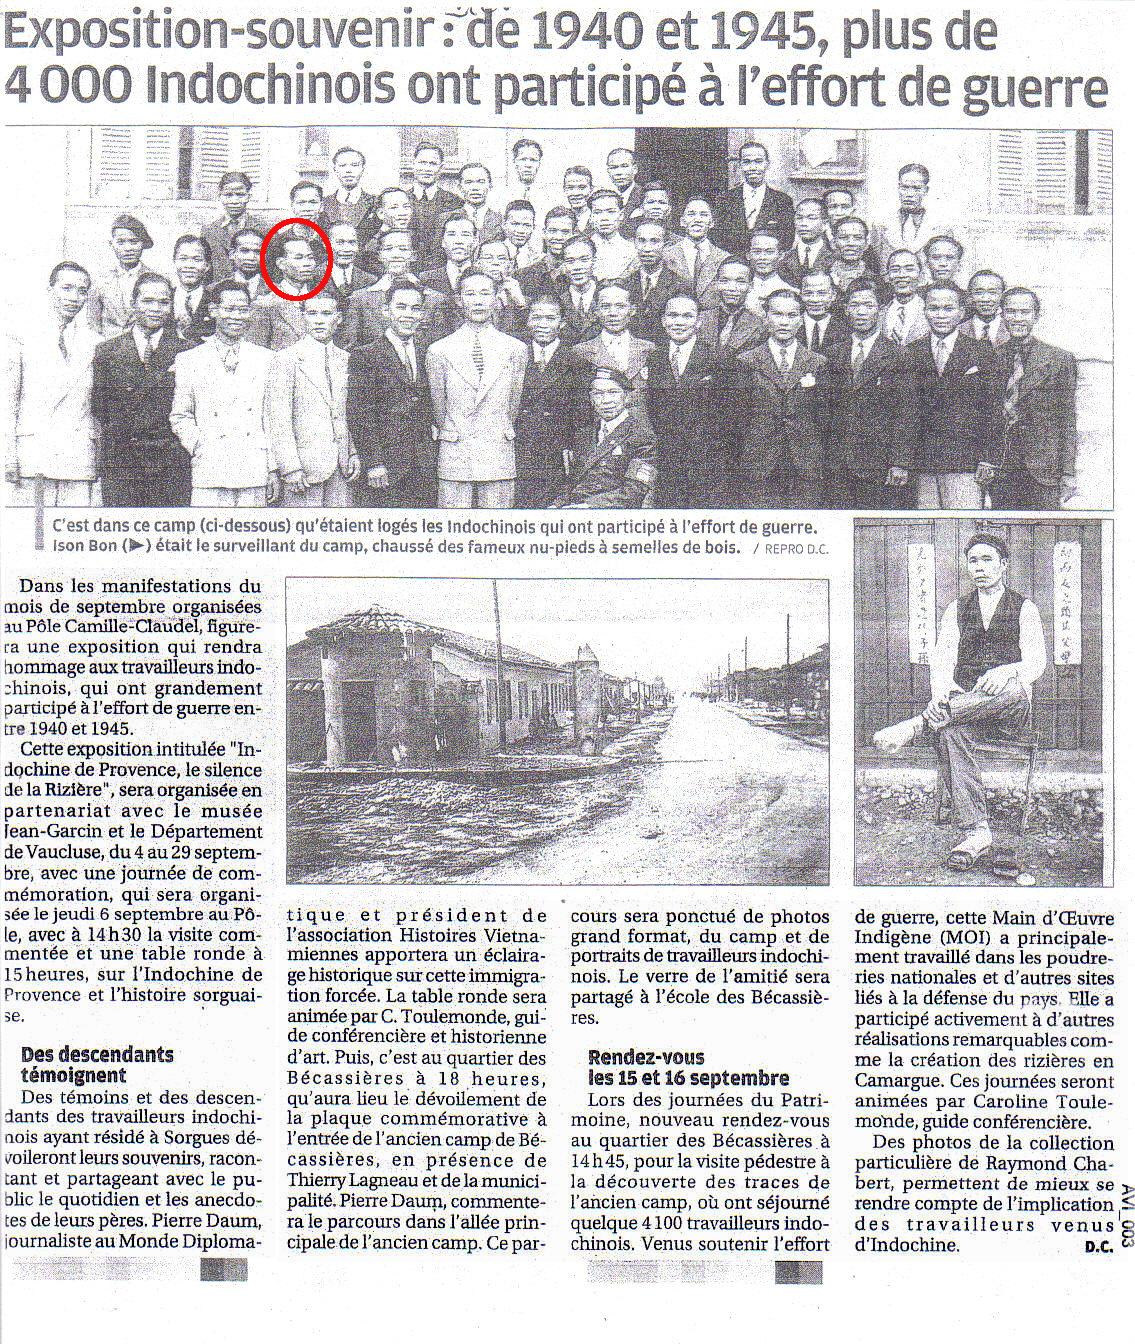 Exposition commémorative de Sorgues.